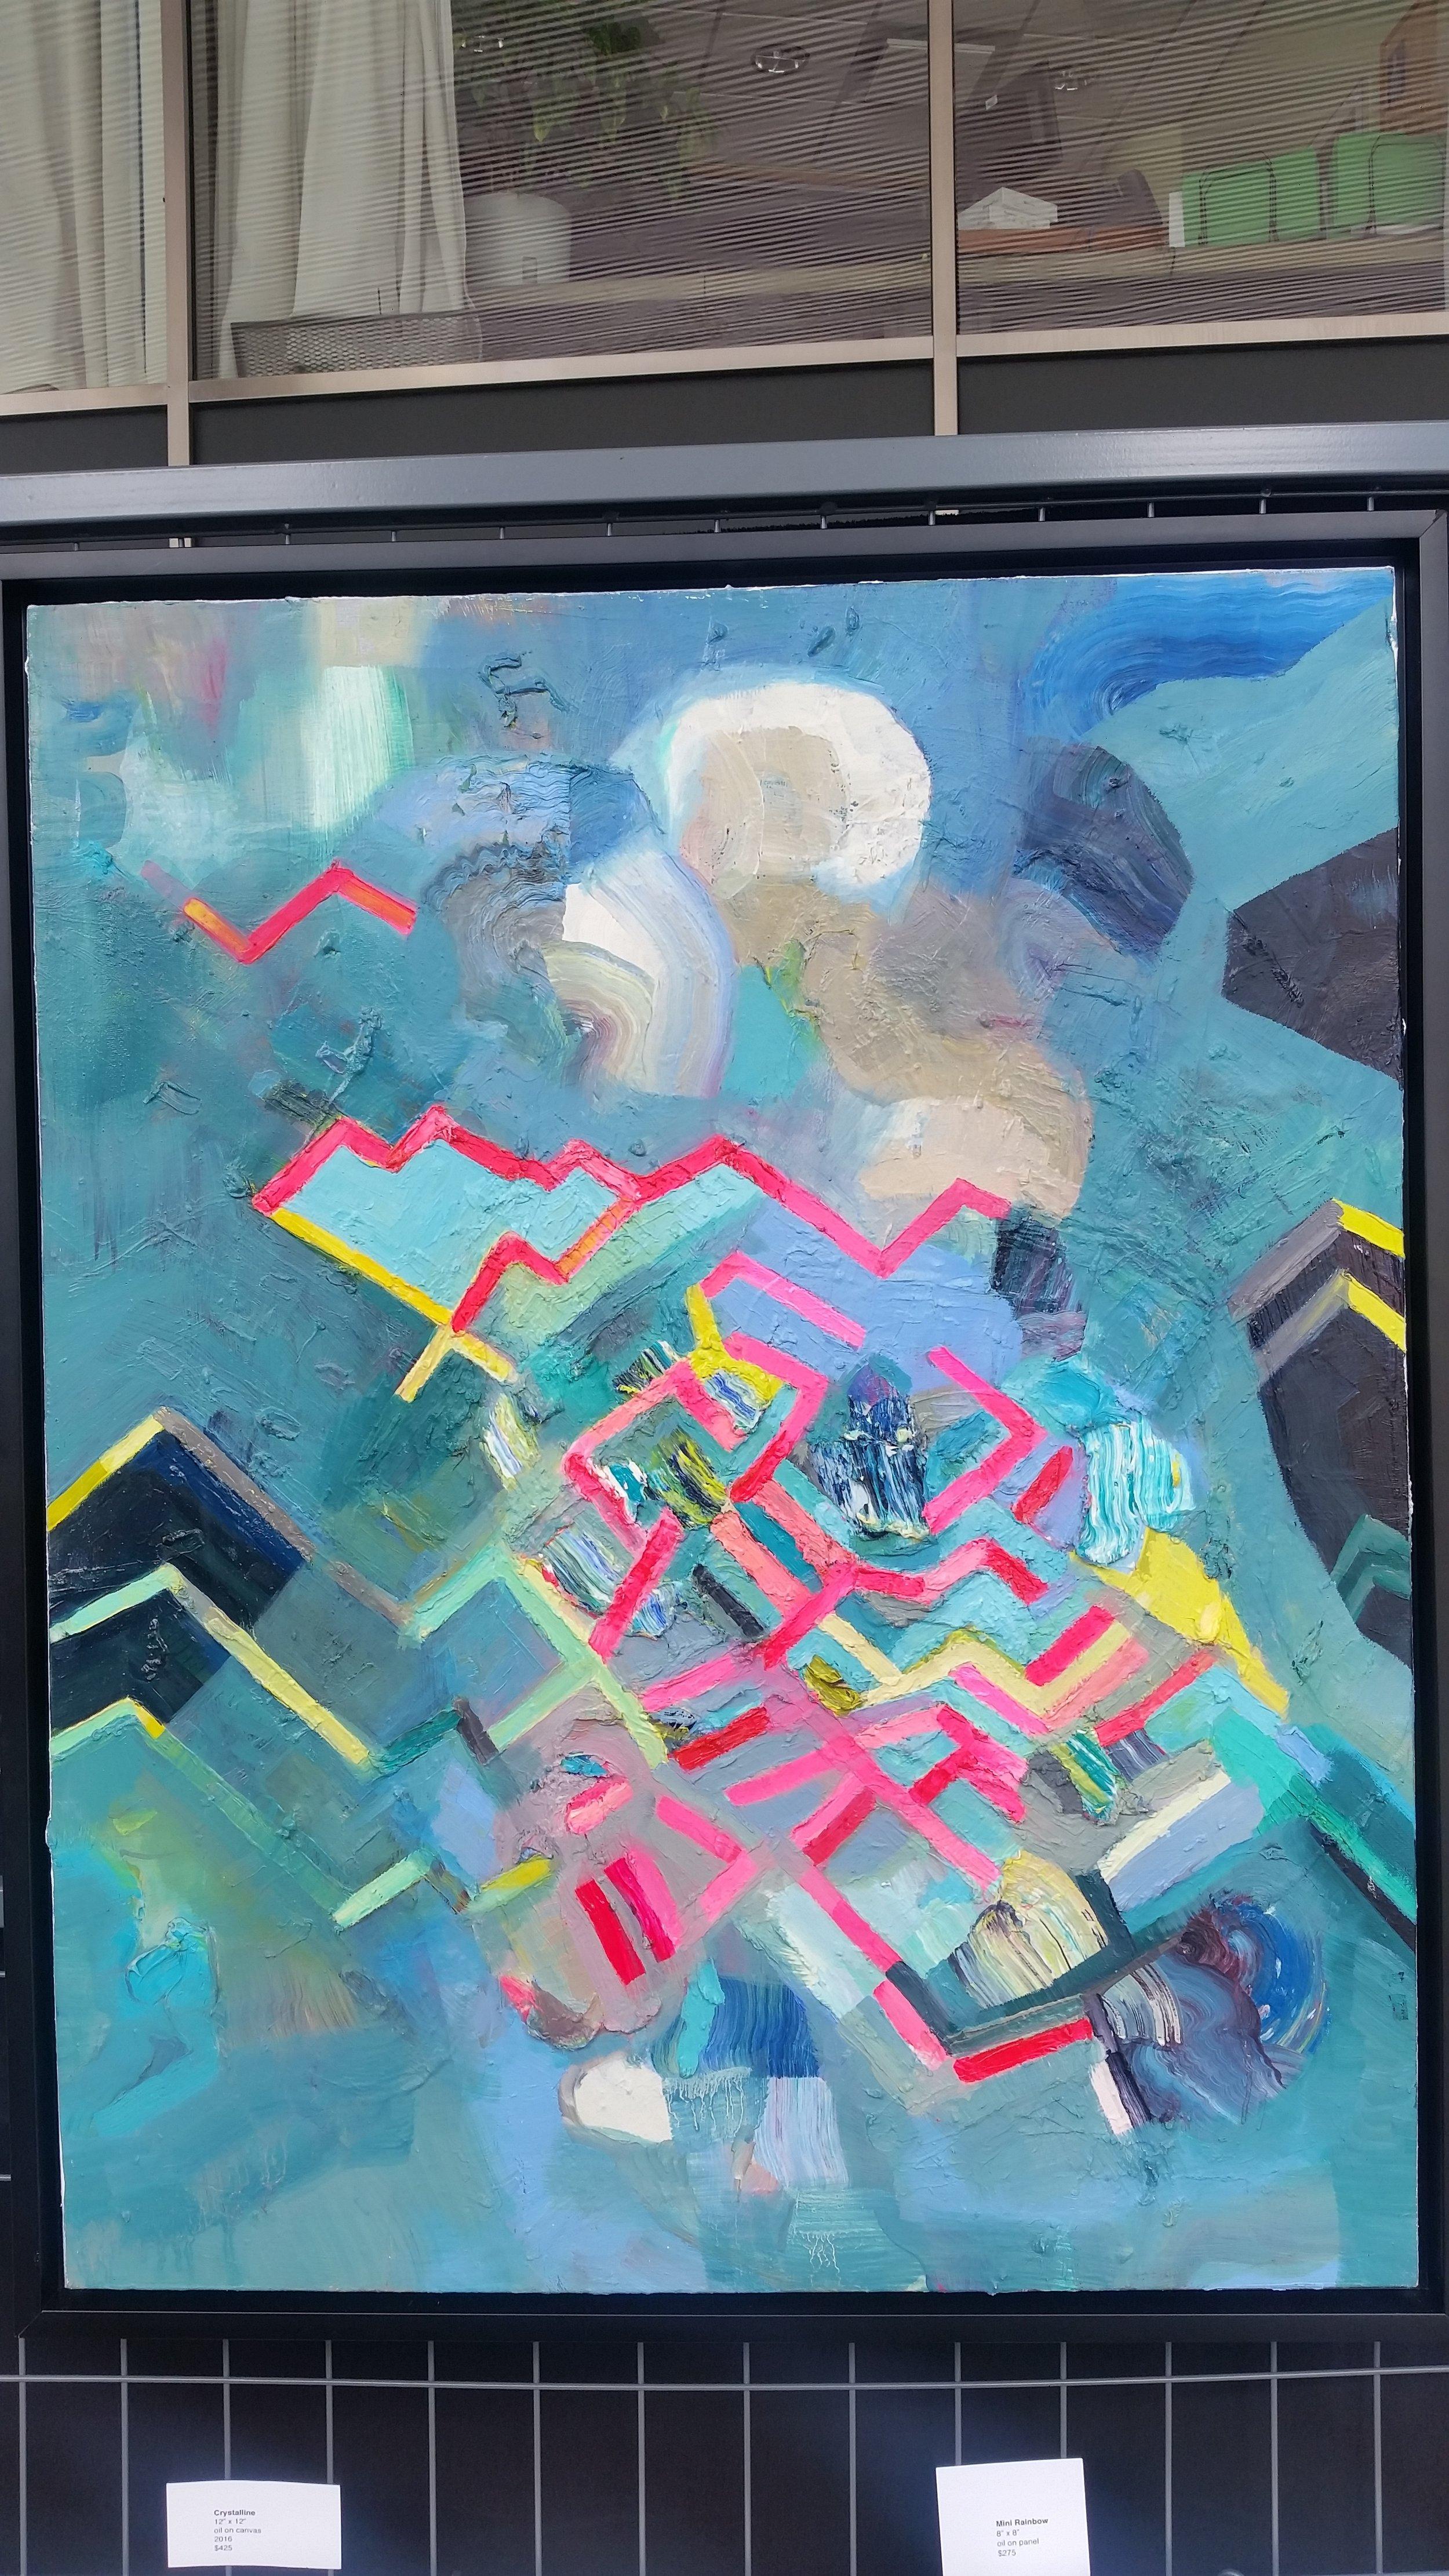 Work by Julie Gladstone